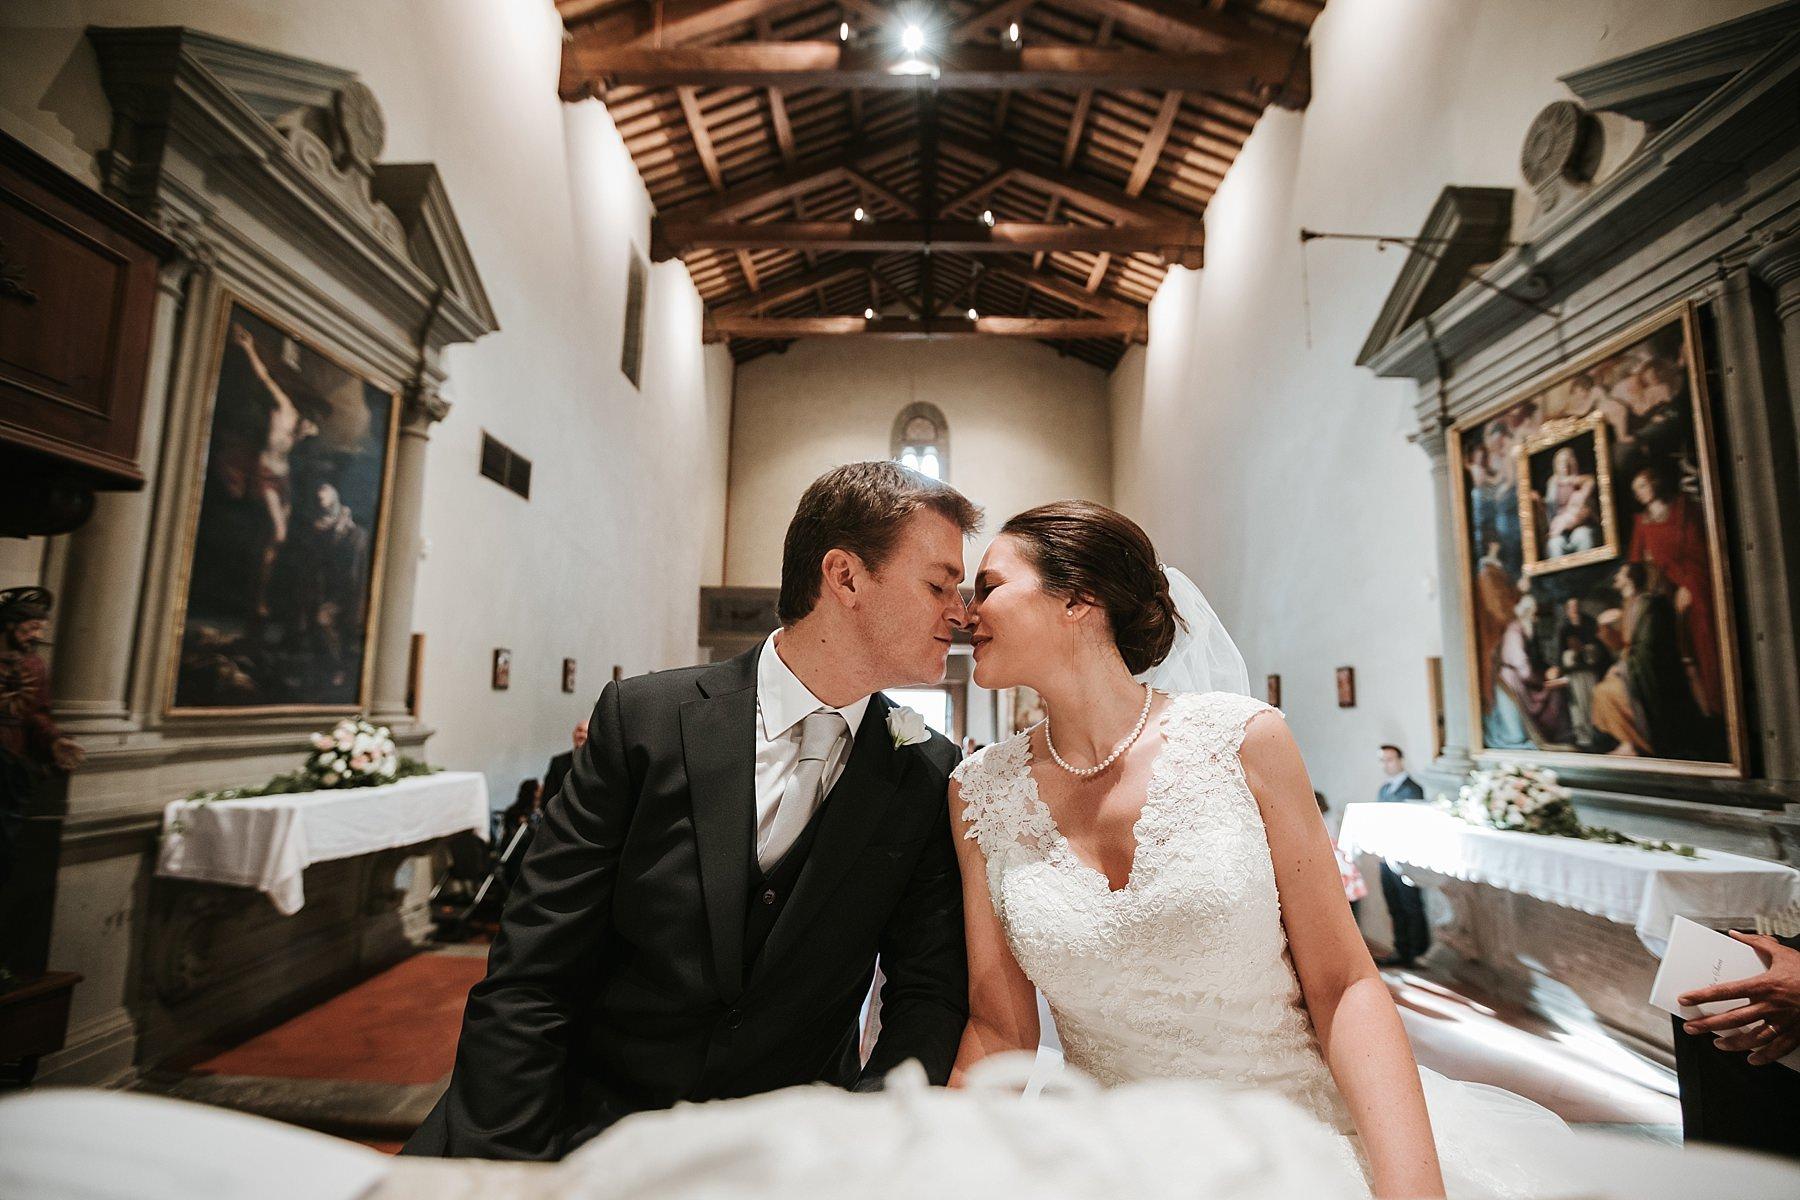 Bacio Sposi durante la cerimonia a Pistoia